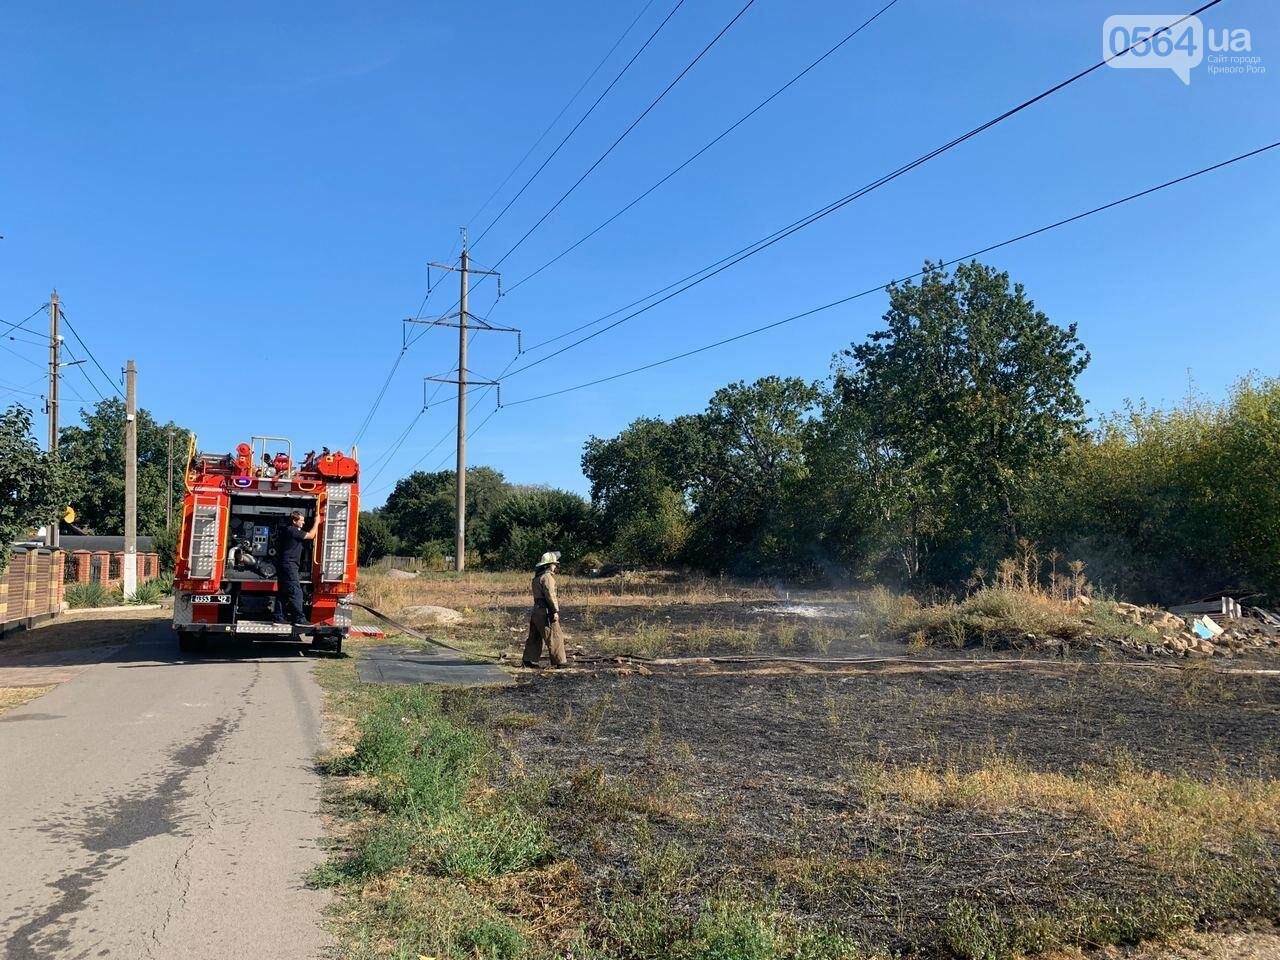 В Кривом Роге возле частного сектора произошел пожар в экосистеме, - ФОТО , фото-8